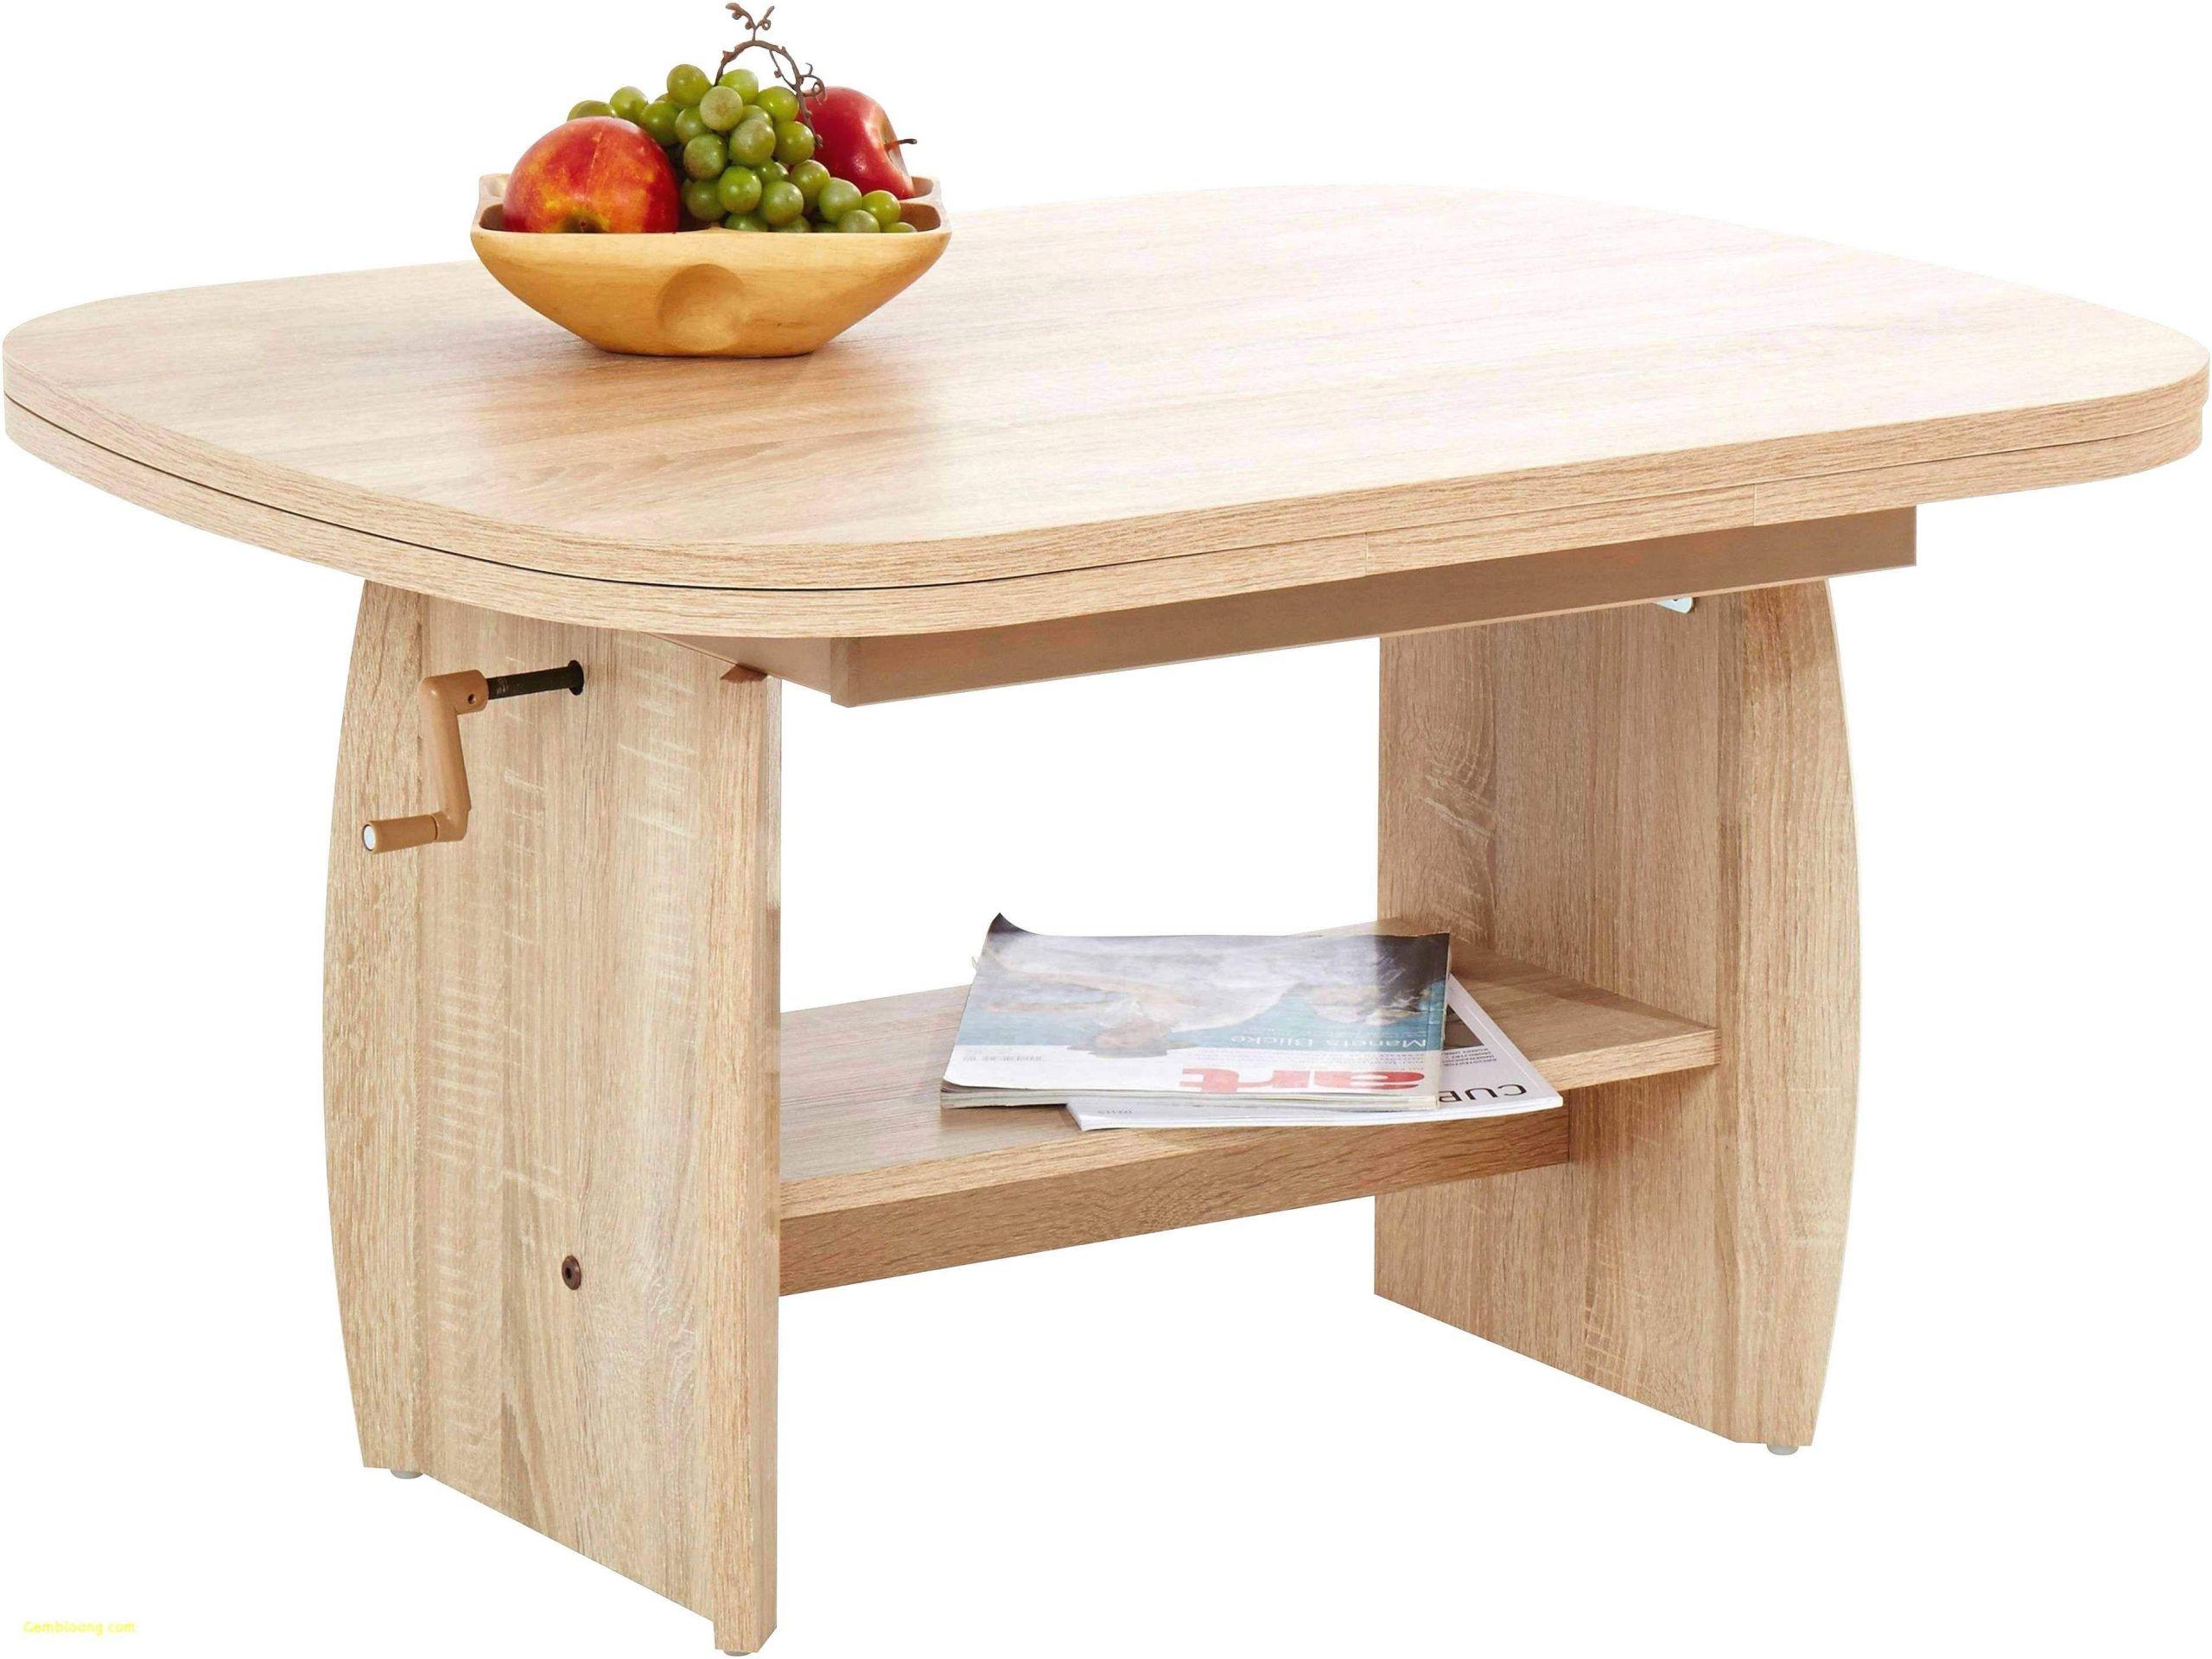 Full Size of Gartentisch Ikea Tisch Wohnzimmer Einzigartig Esstisch Küche Kosten Miniküche Kaufen Betten Bei Sofa Mit Schlaffunktion Modulküche 160x200 Wohnzimmer Gartentisch Ikea